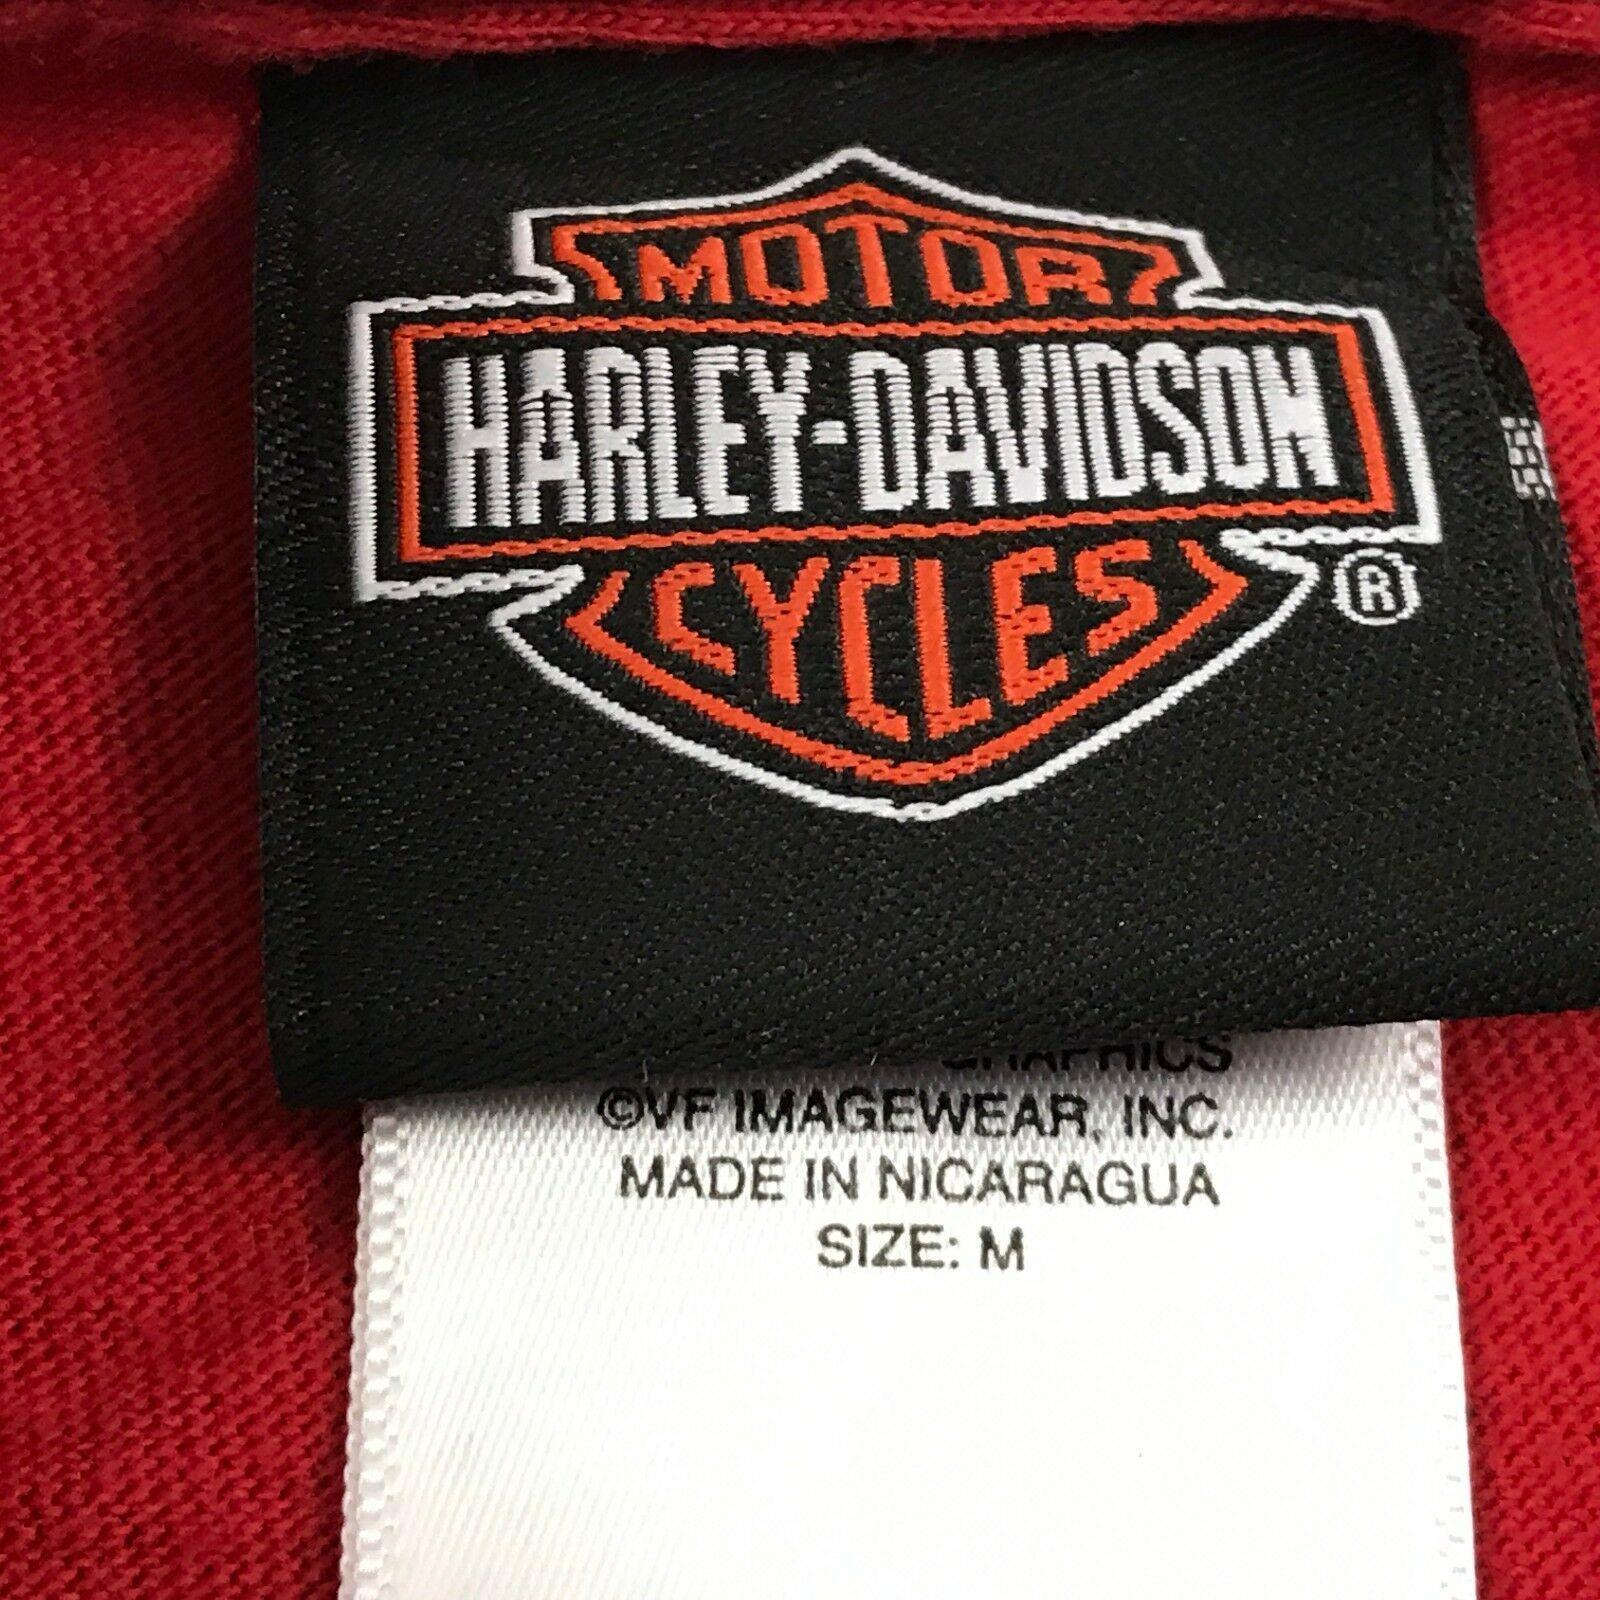 Harley Davidson Timeless Tradition Camicia Adulto Rosso Medio Maglietta Due Lati image 5